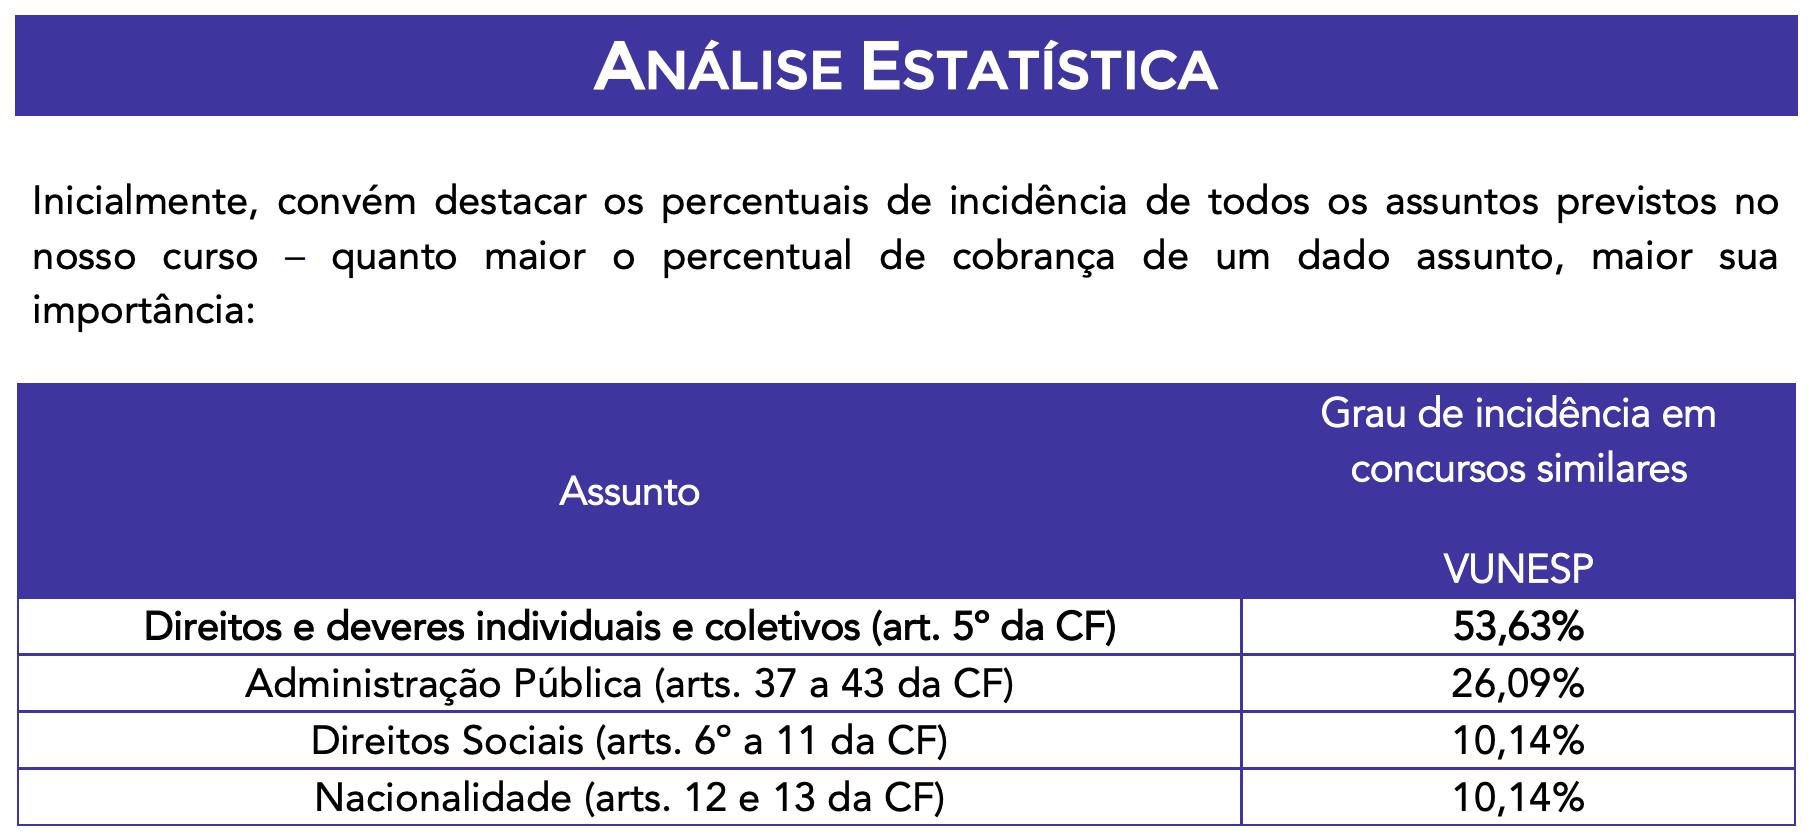 analise estatistica passo estrategico